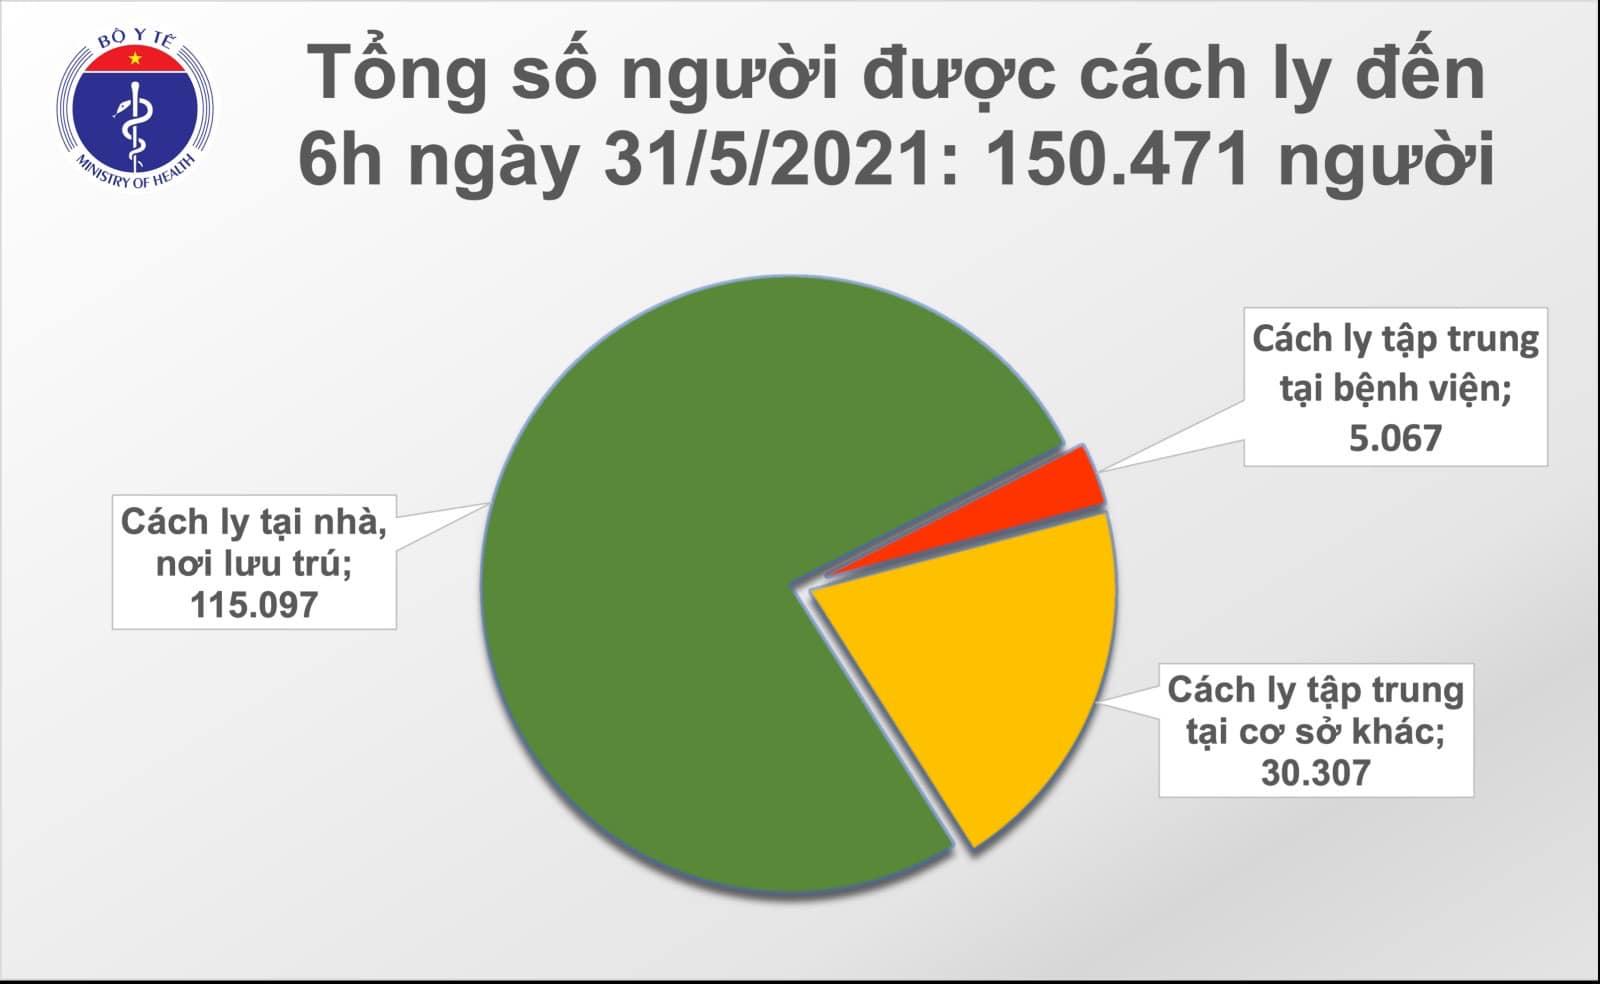 Tình hình dịch Covid-19 sáng 31/5: Thêm 61 ca tại Bắc Giang, Hà Nội, Lạng Sơn - Ảnh 2.